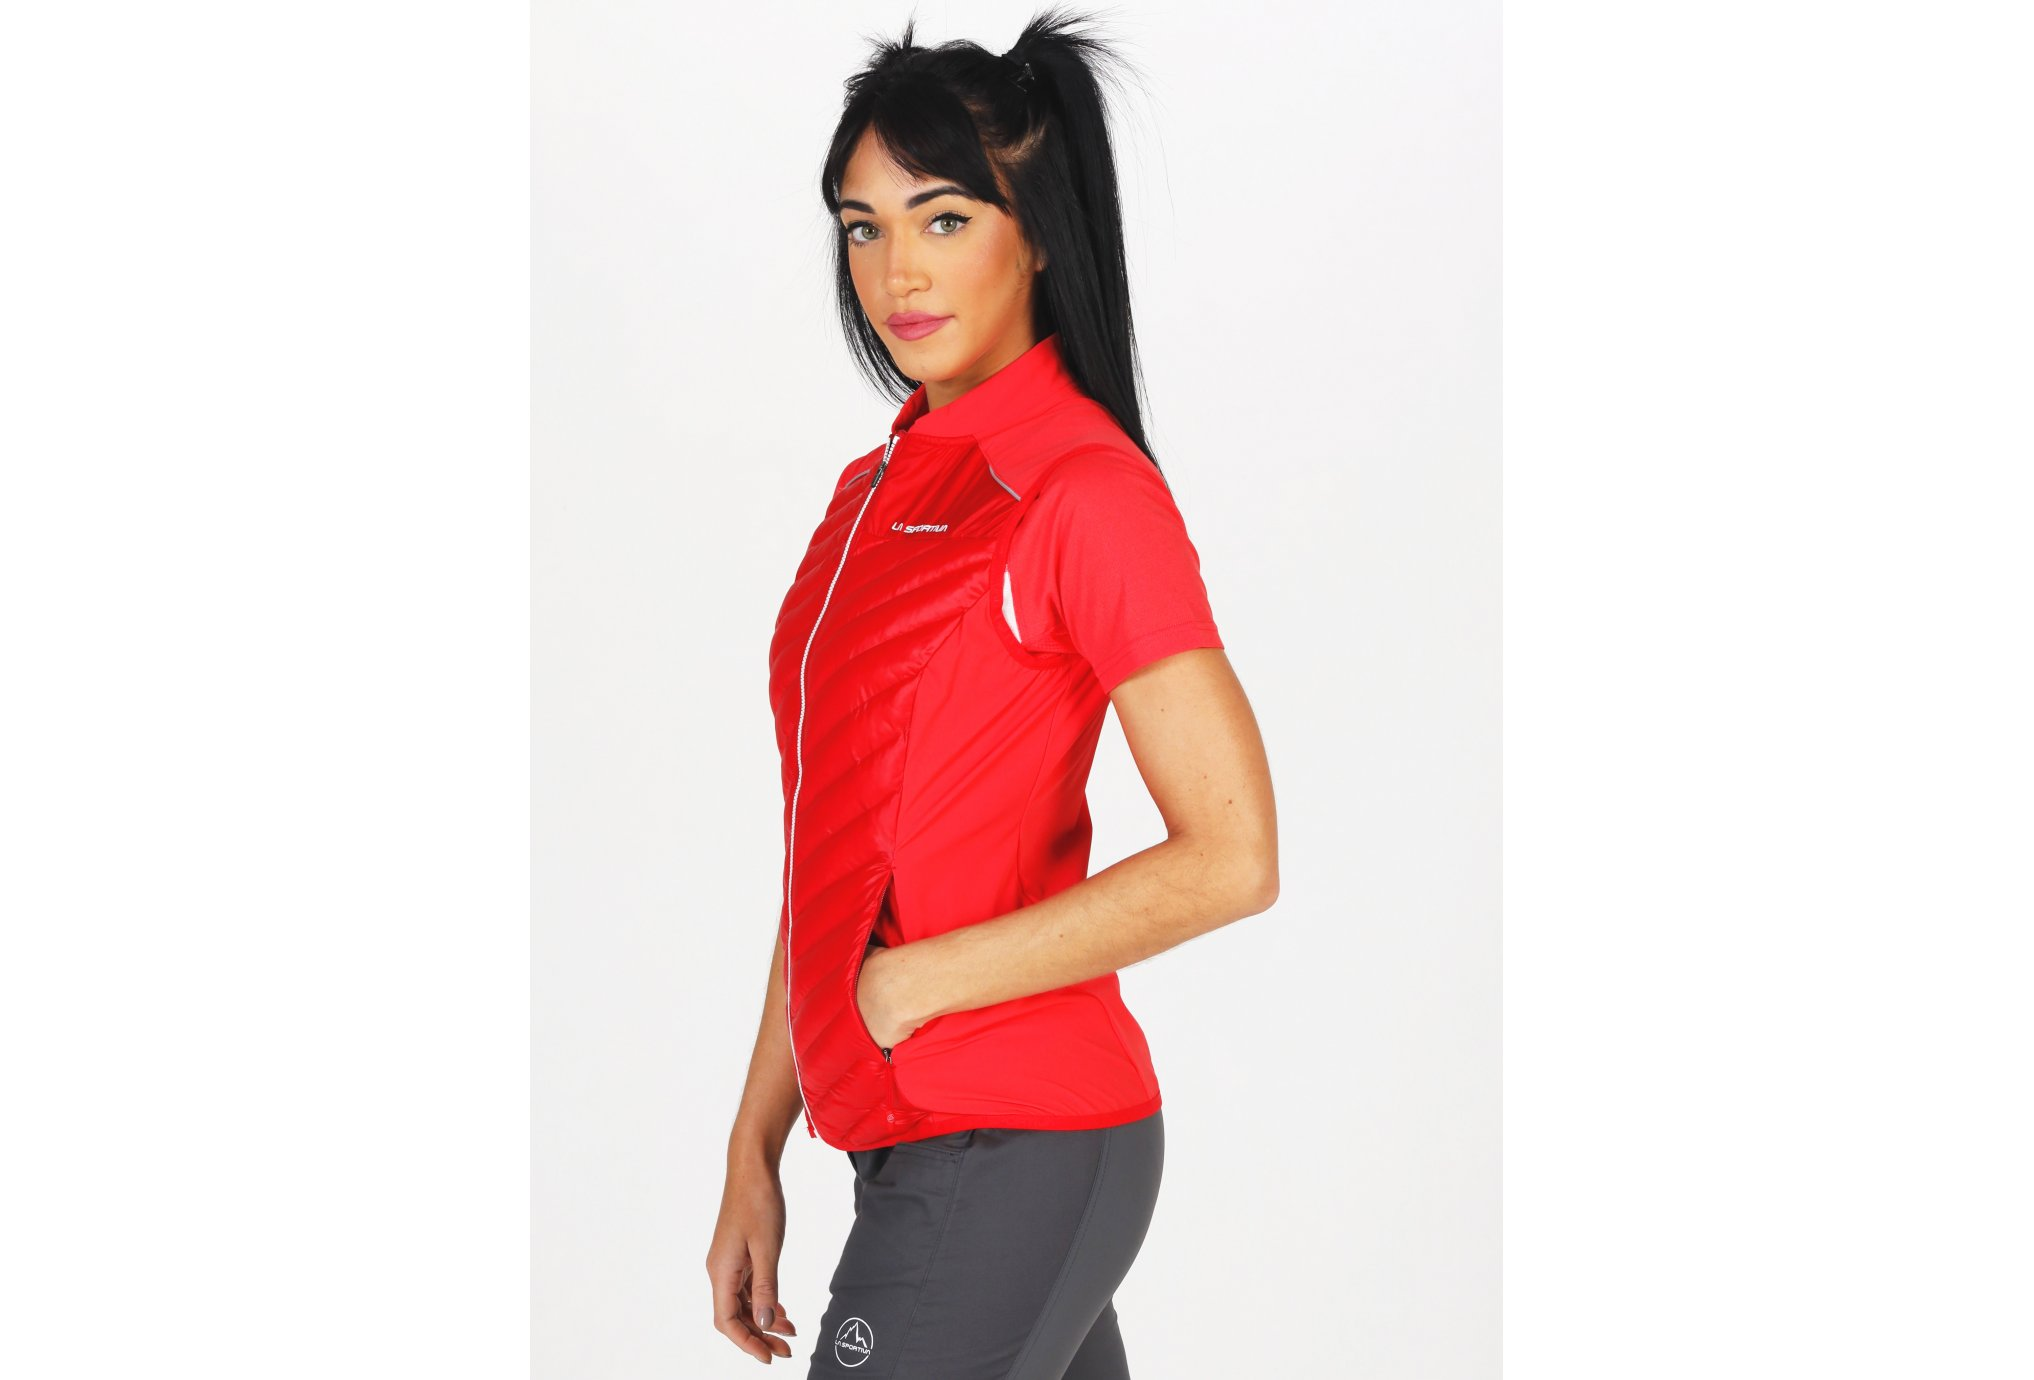 La Sportiva Aria W vêtement running femme